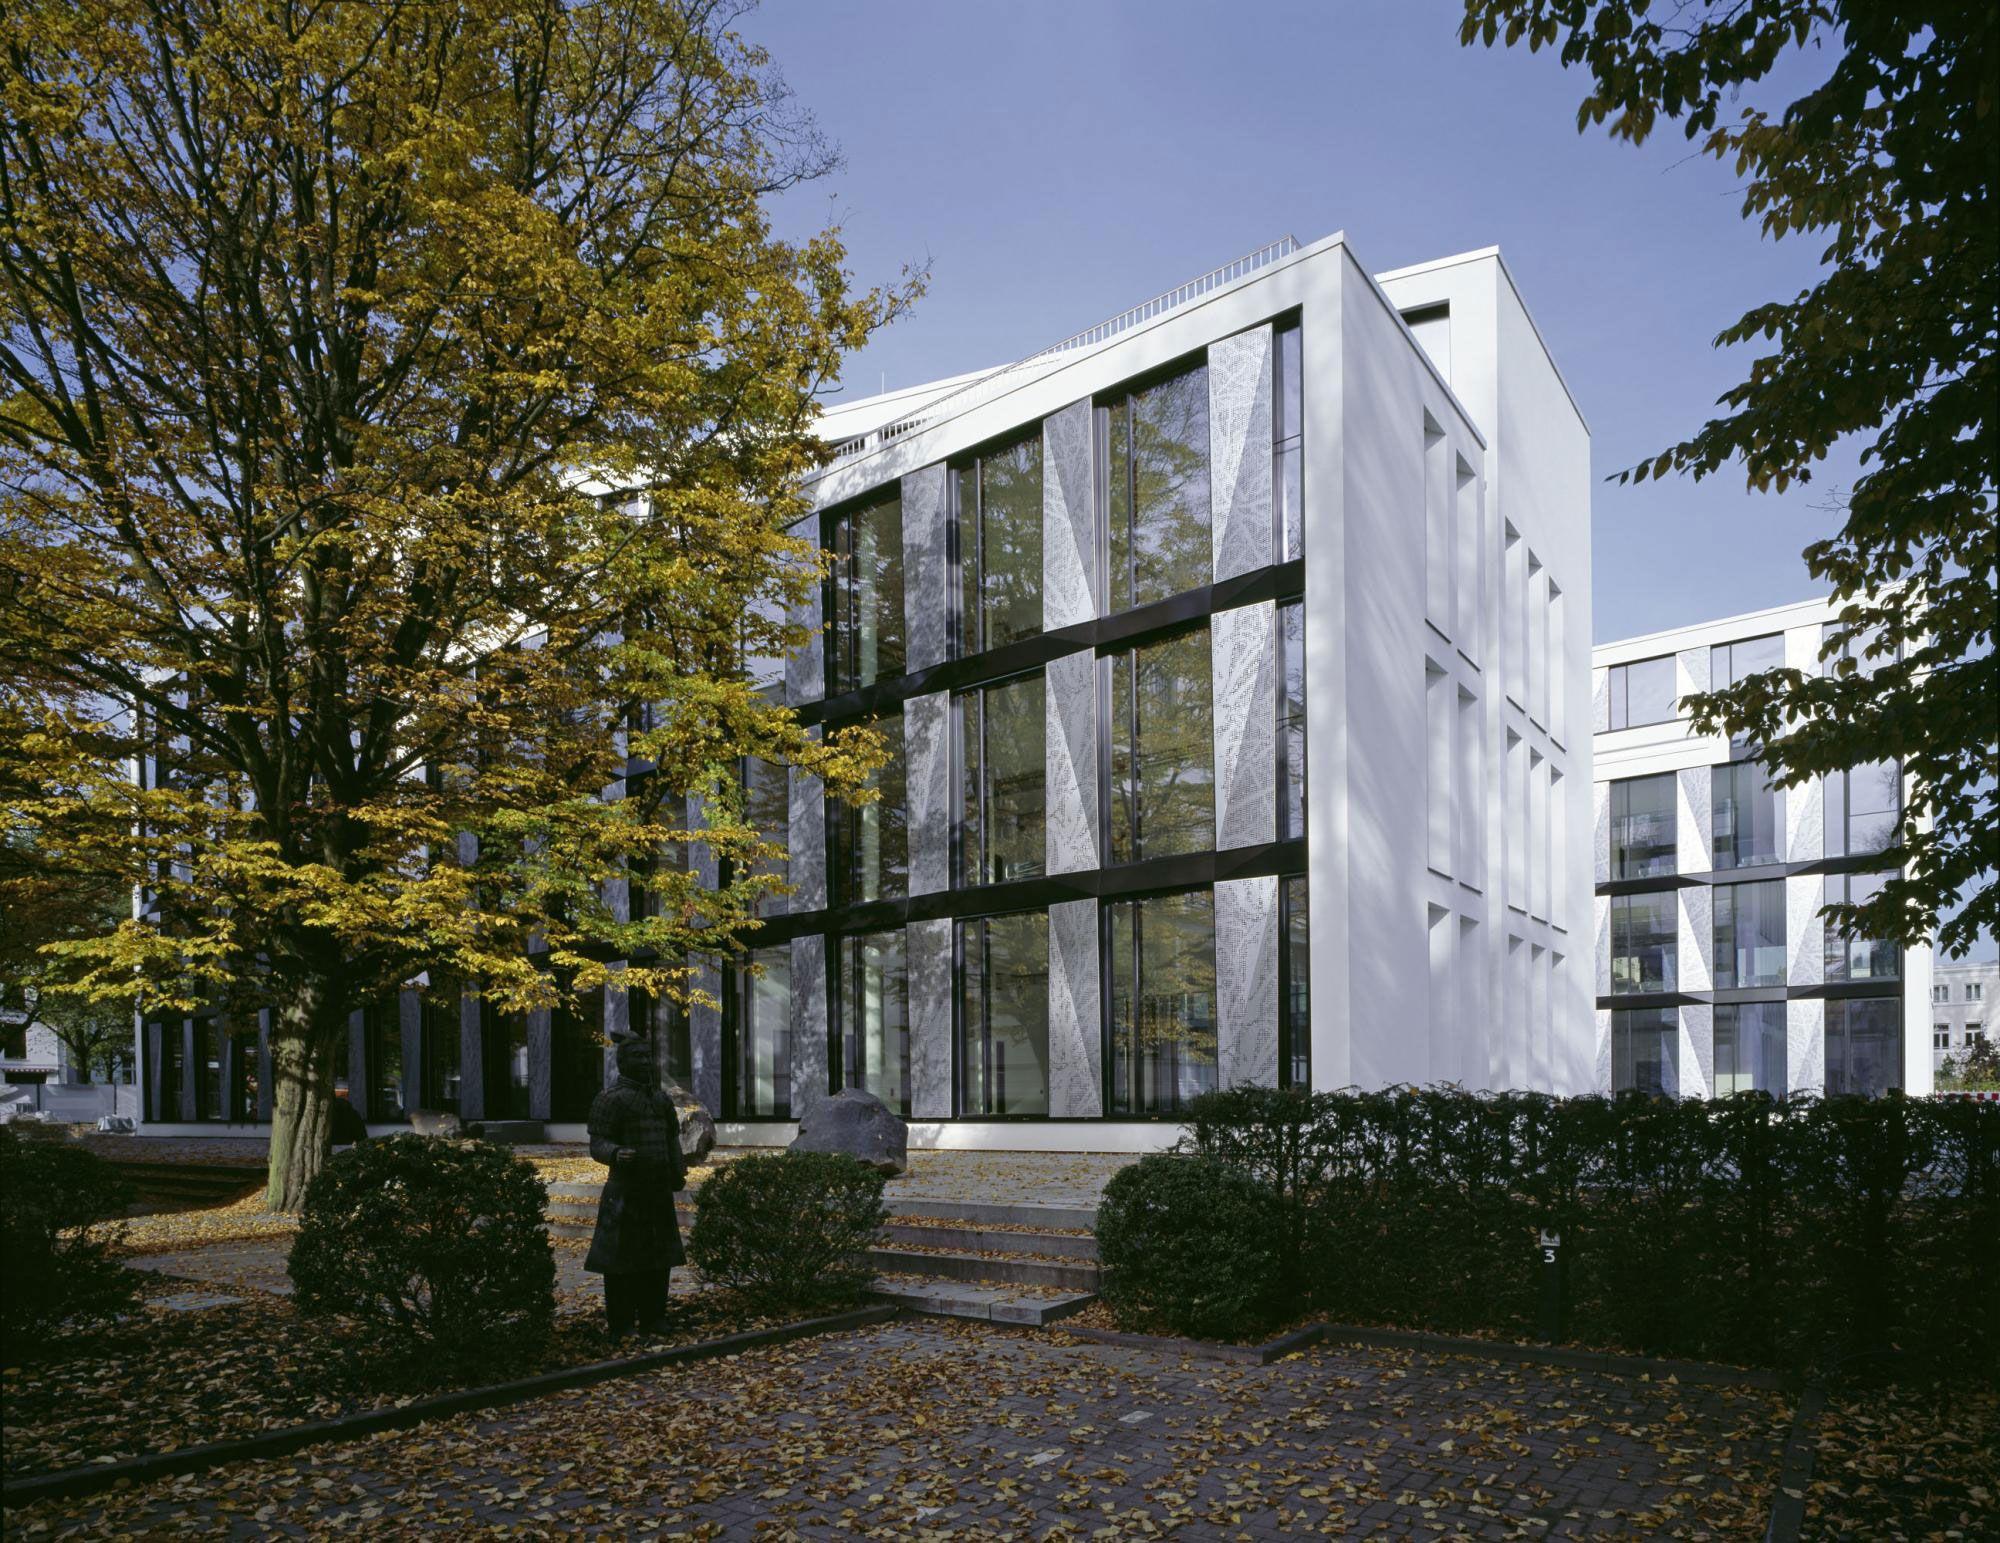 Architekt Hamburg carsten roth architekt hamburg architects archi 2